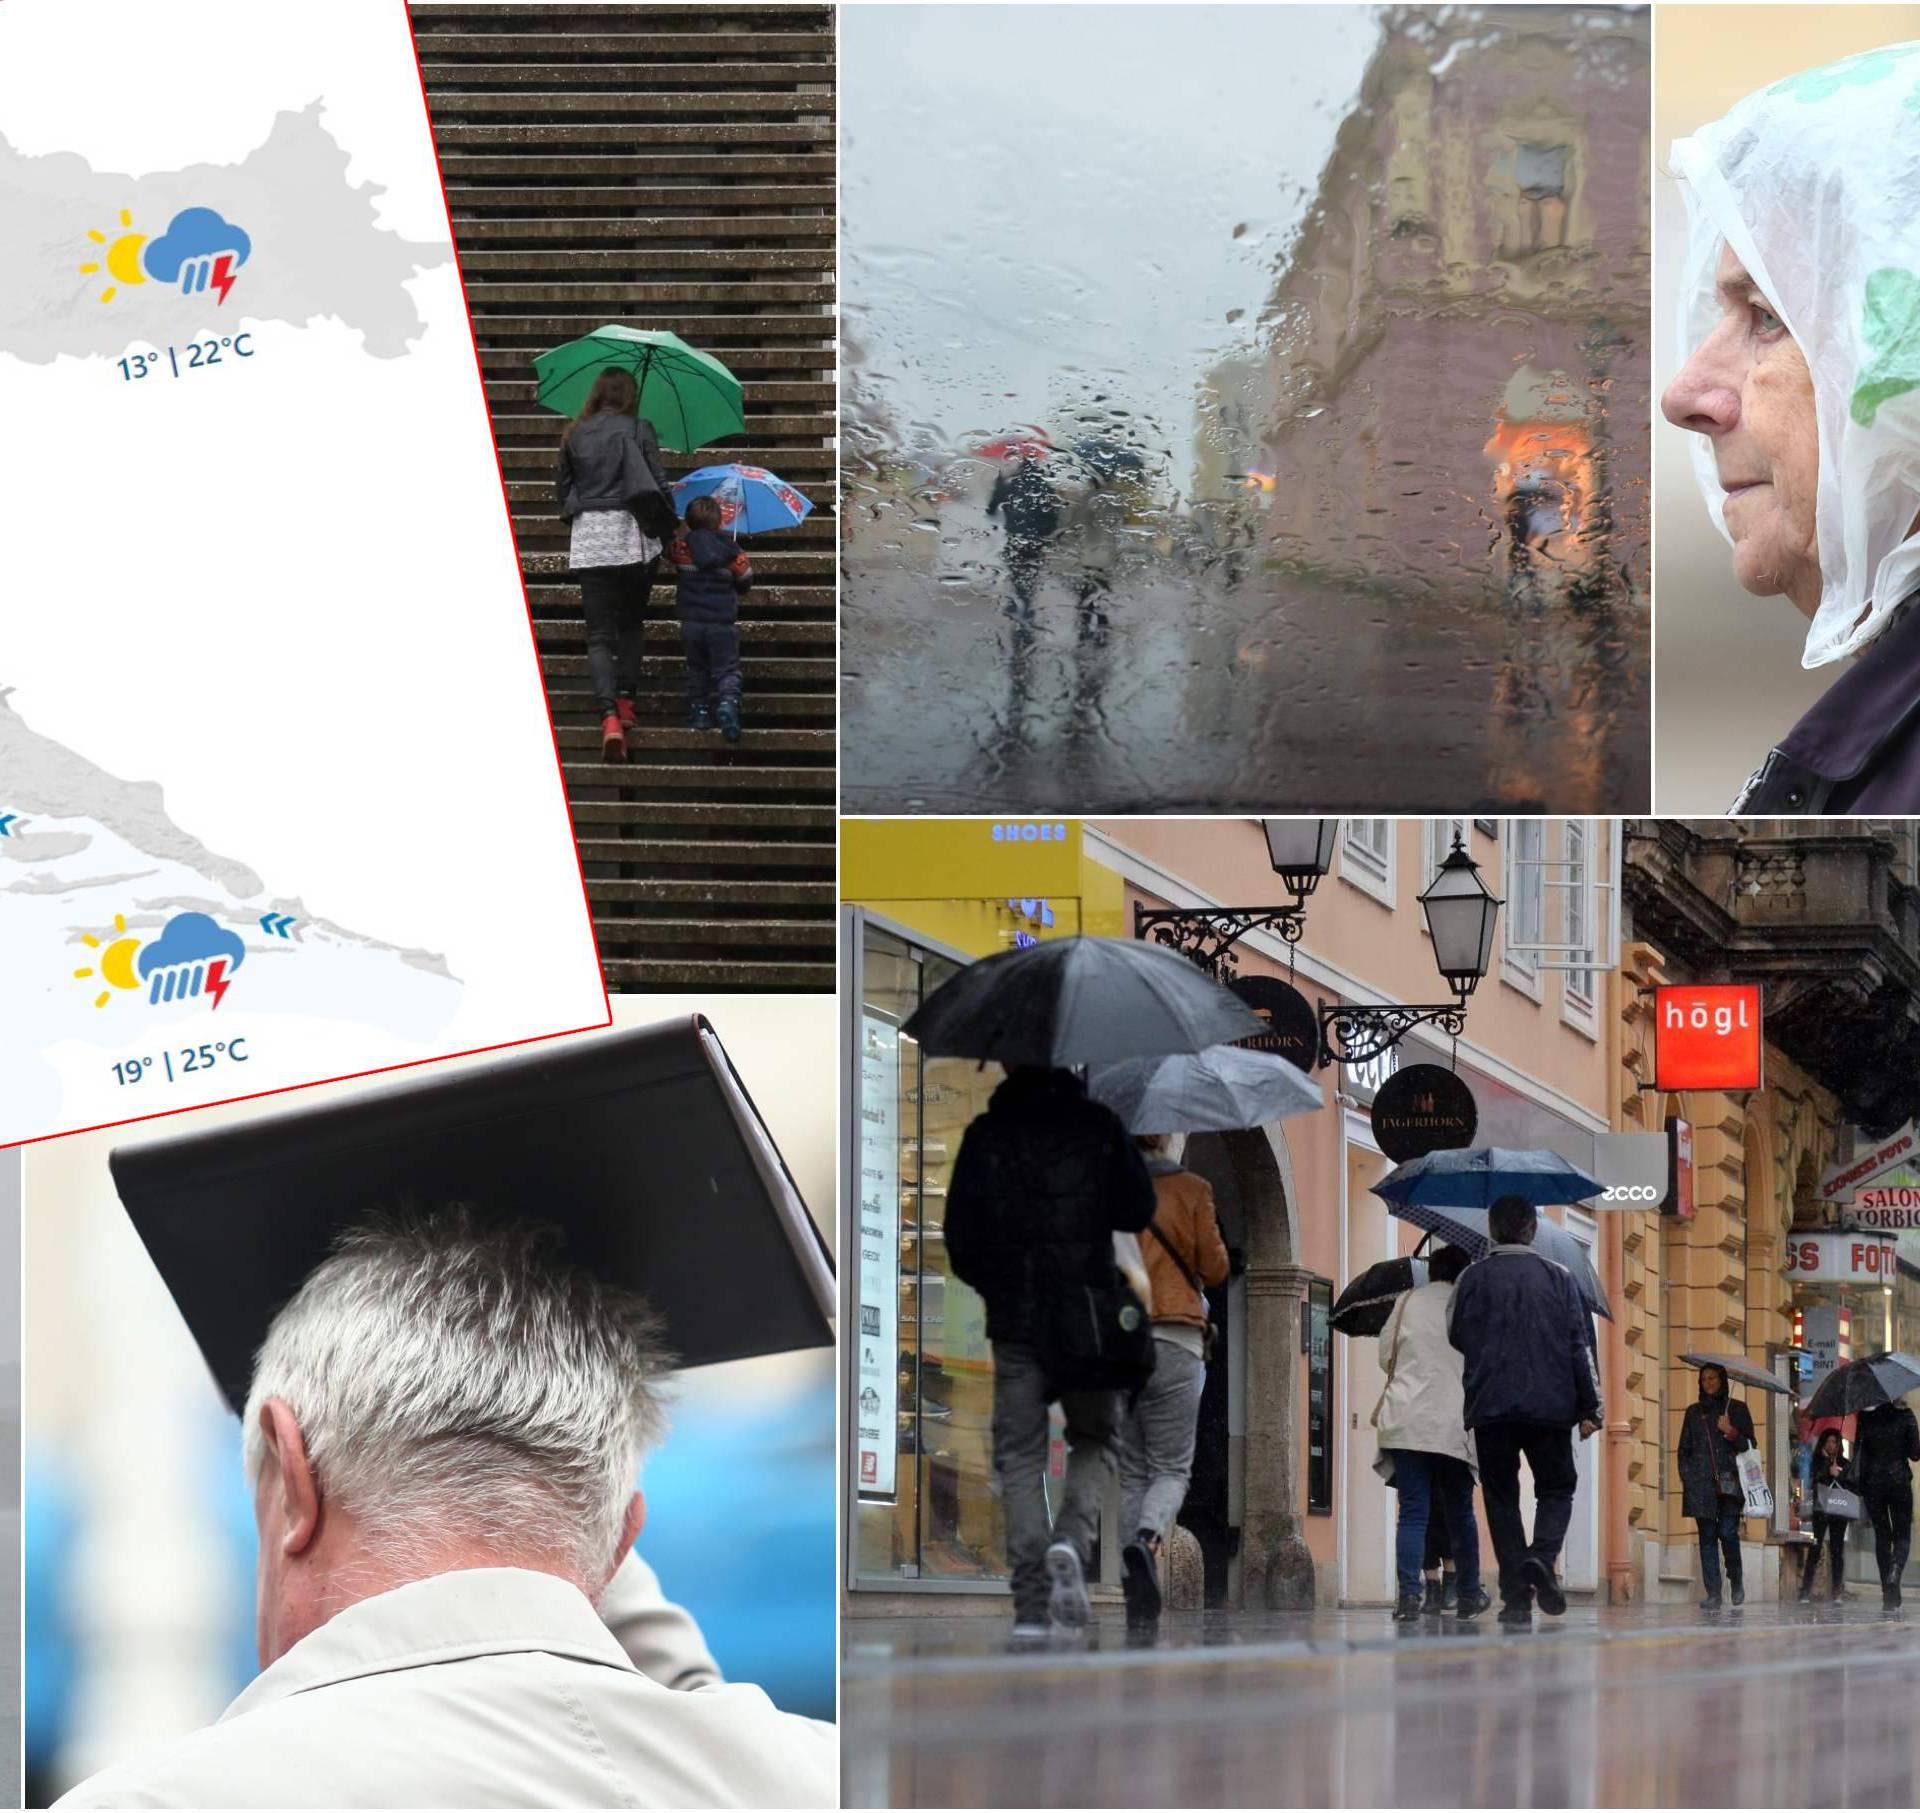 Dolazi ogromna kiša: 'Past će je više nego cijeli prošli mjesec'